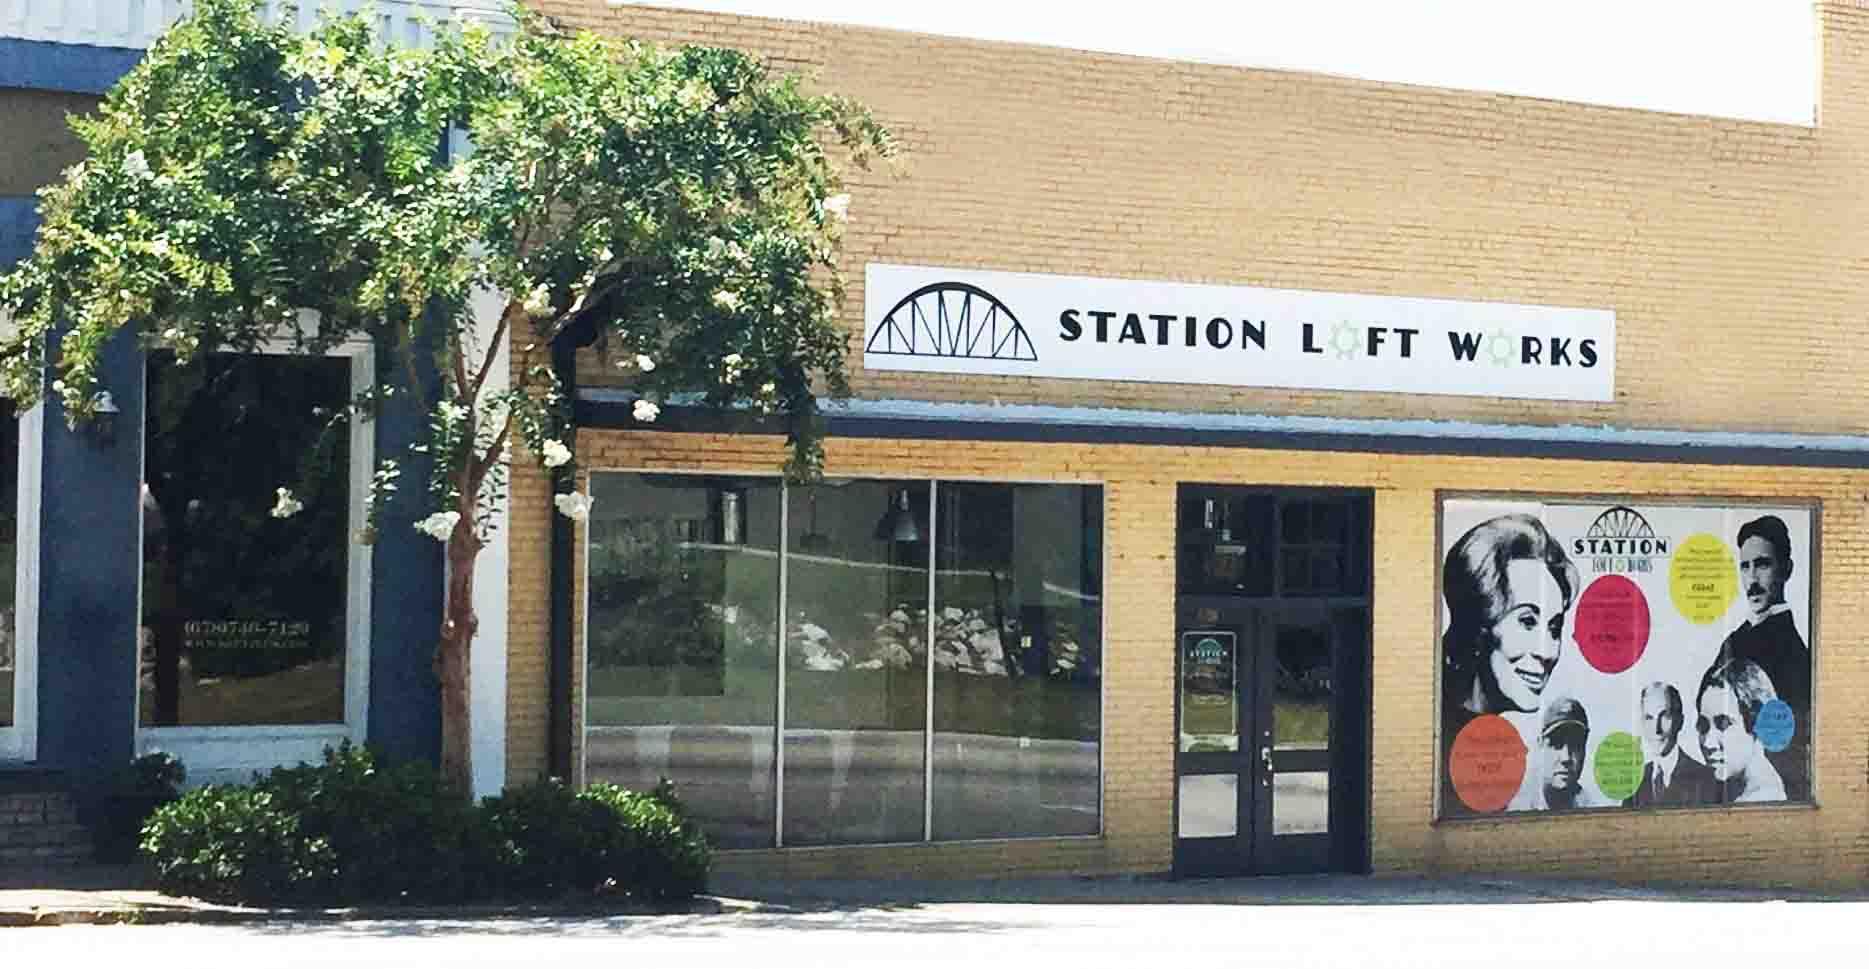 Station Loft Works